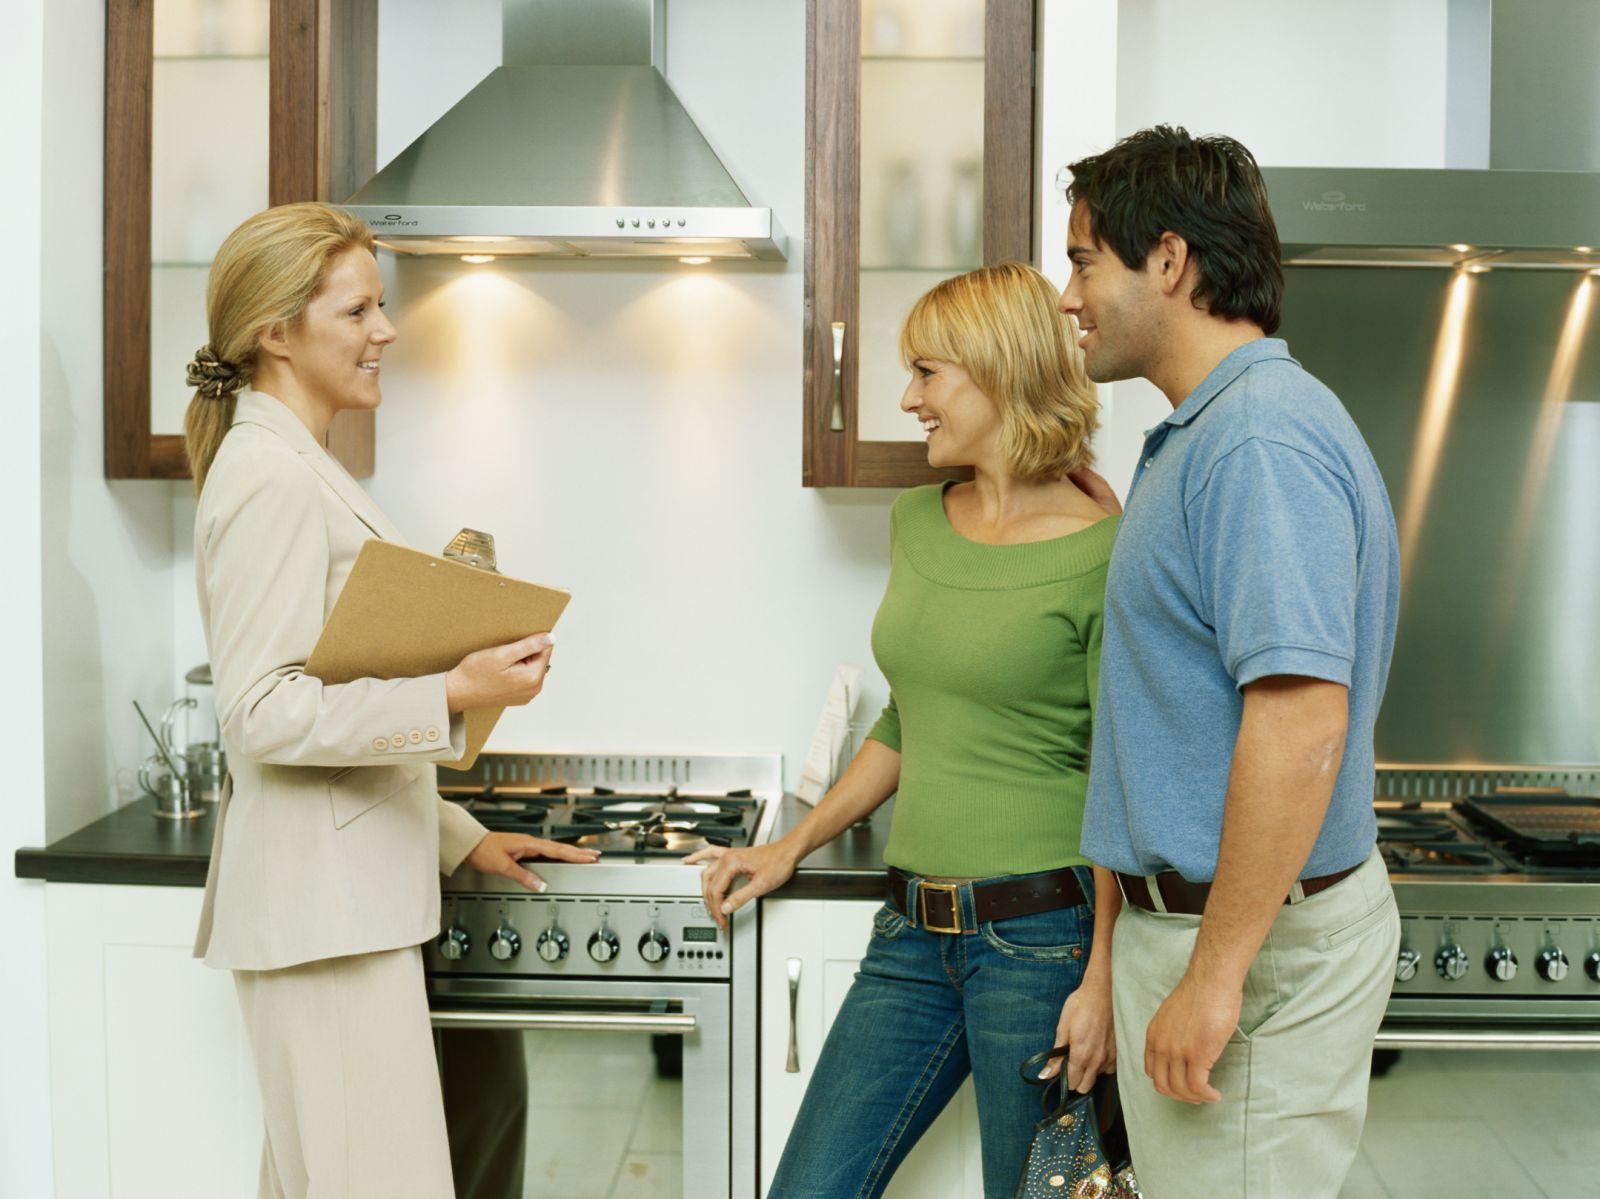 Как снять квартиру через агентство, чтобы не обманули